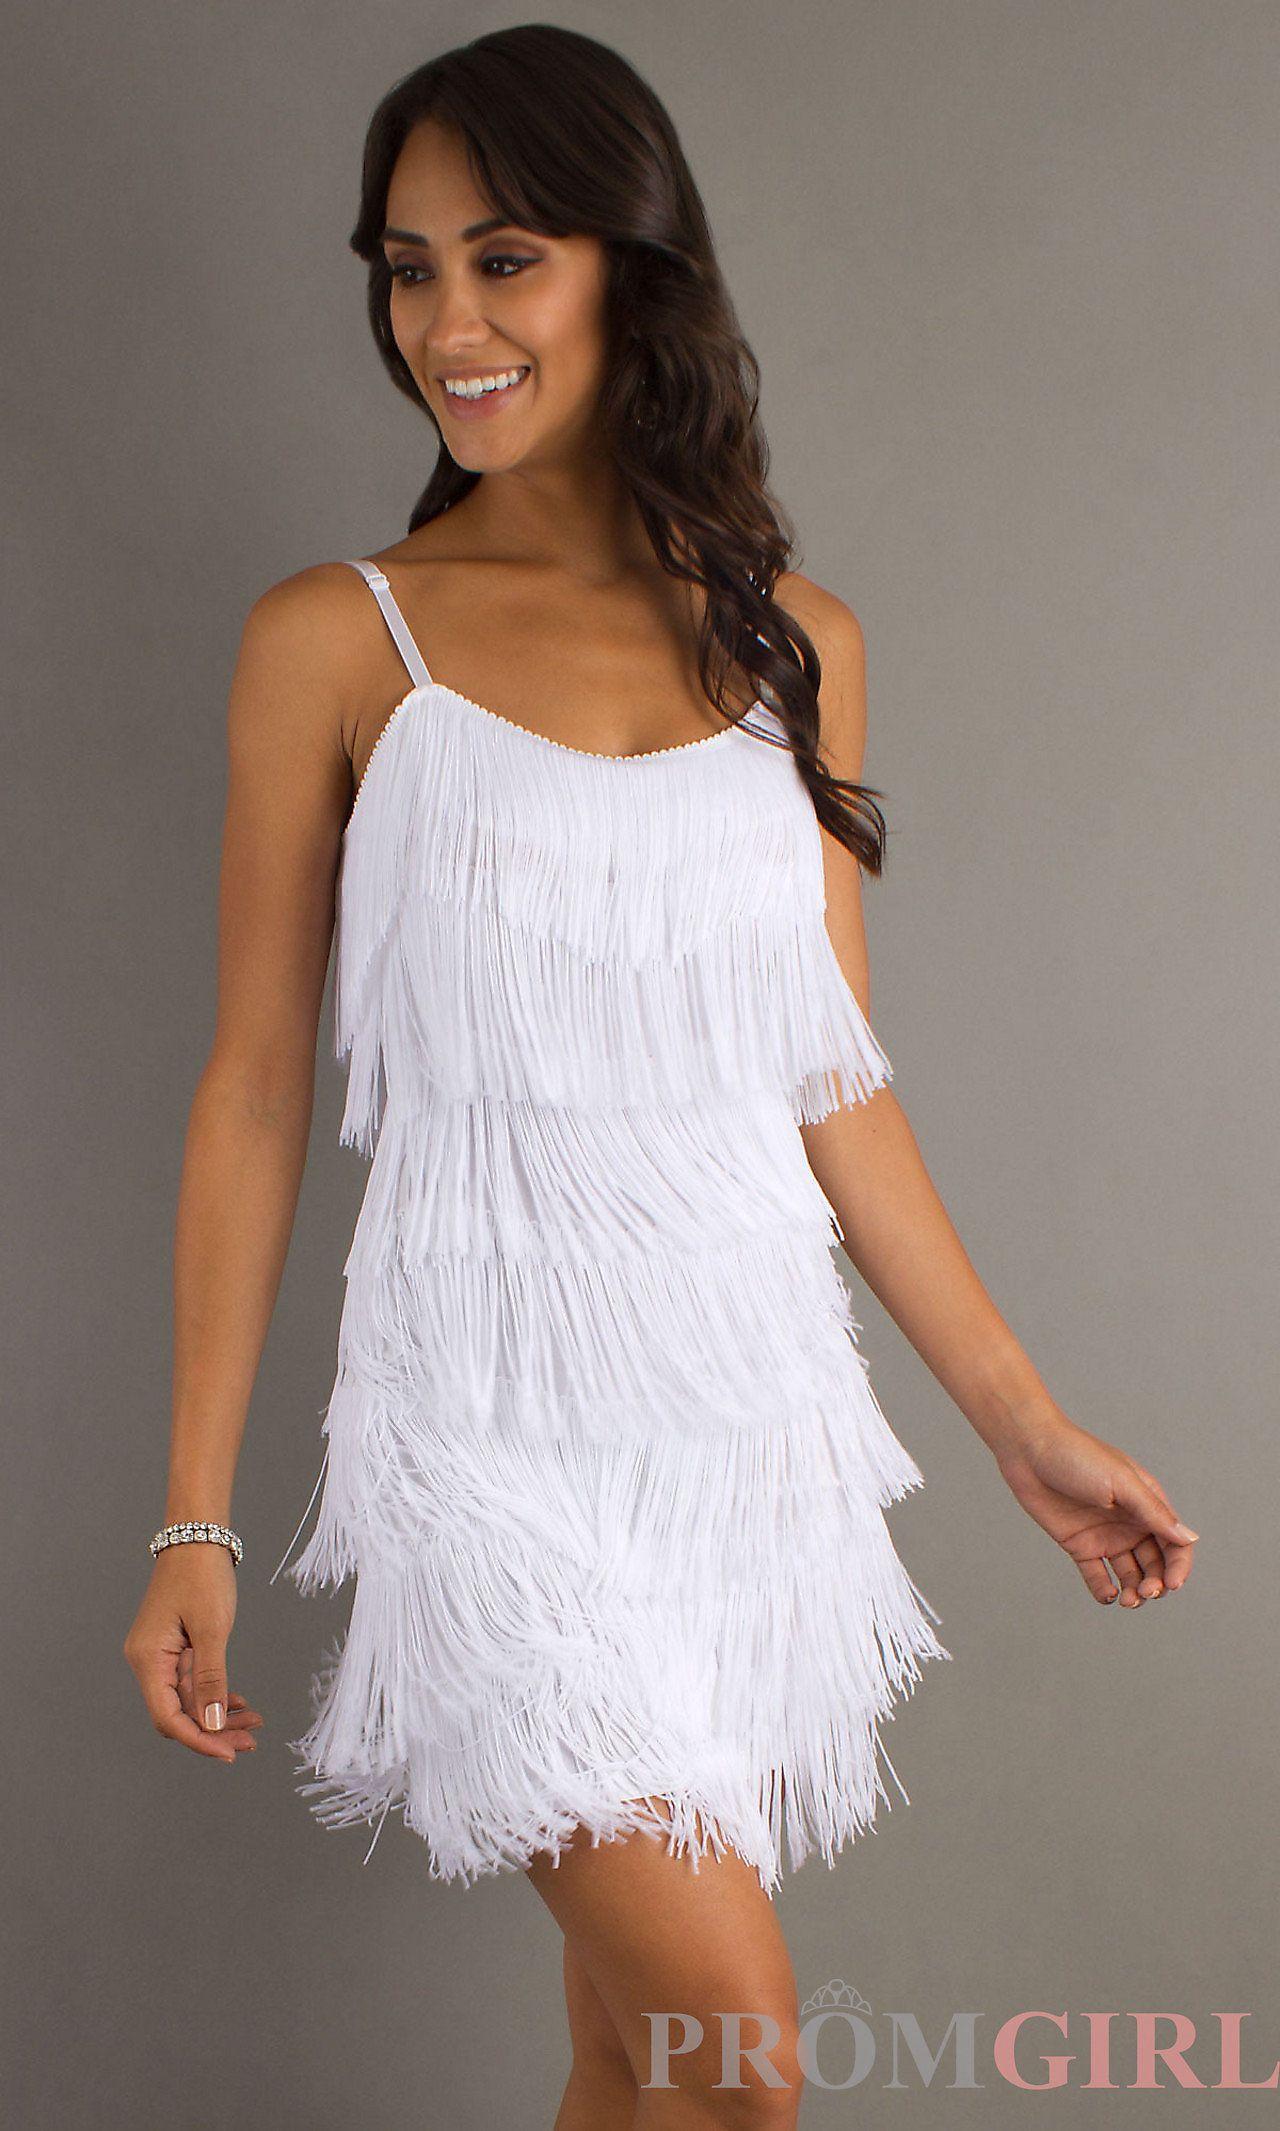 Short White Fringe Dress For Rehearsal Dinner Or Engagement Party